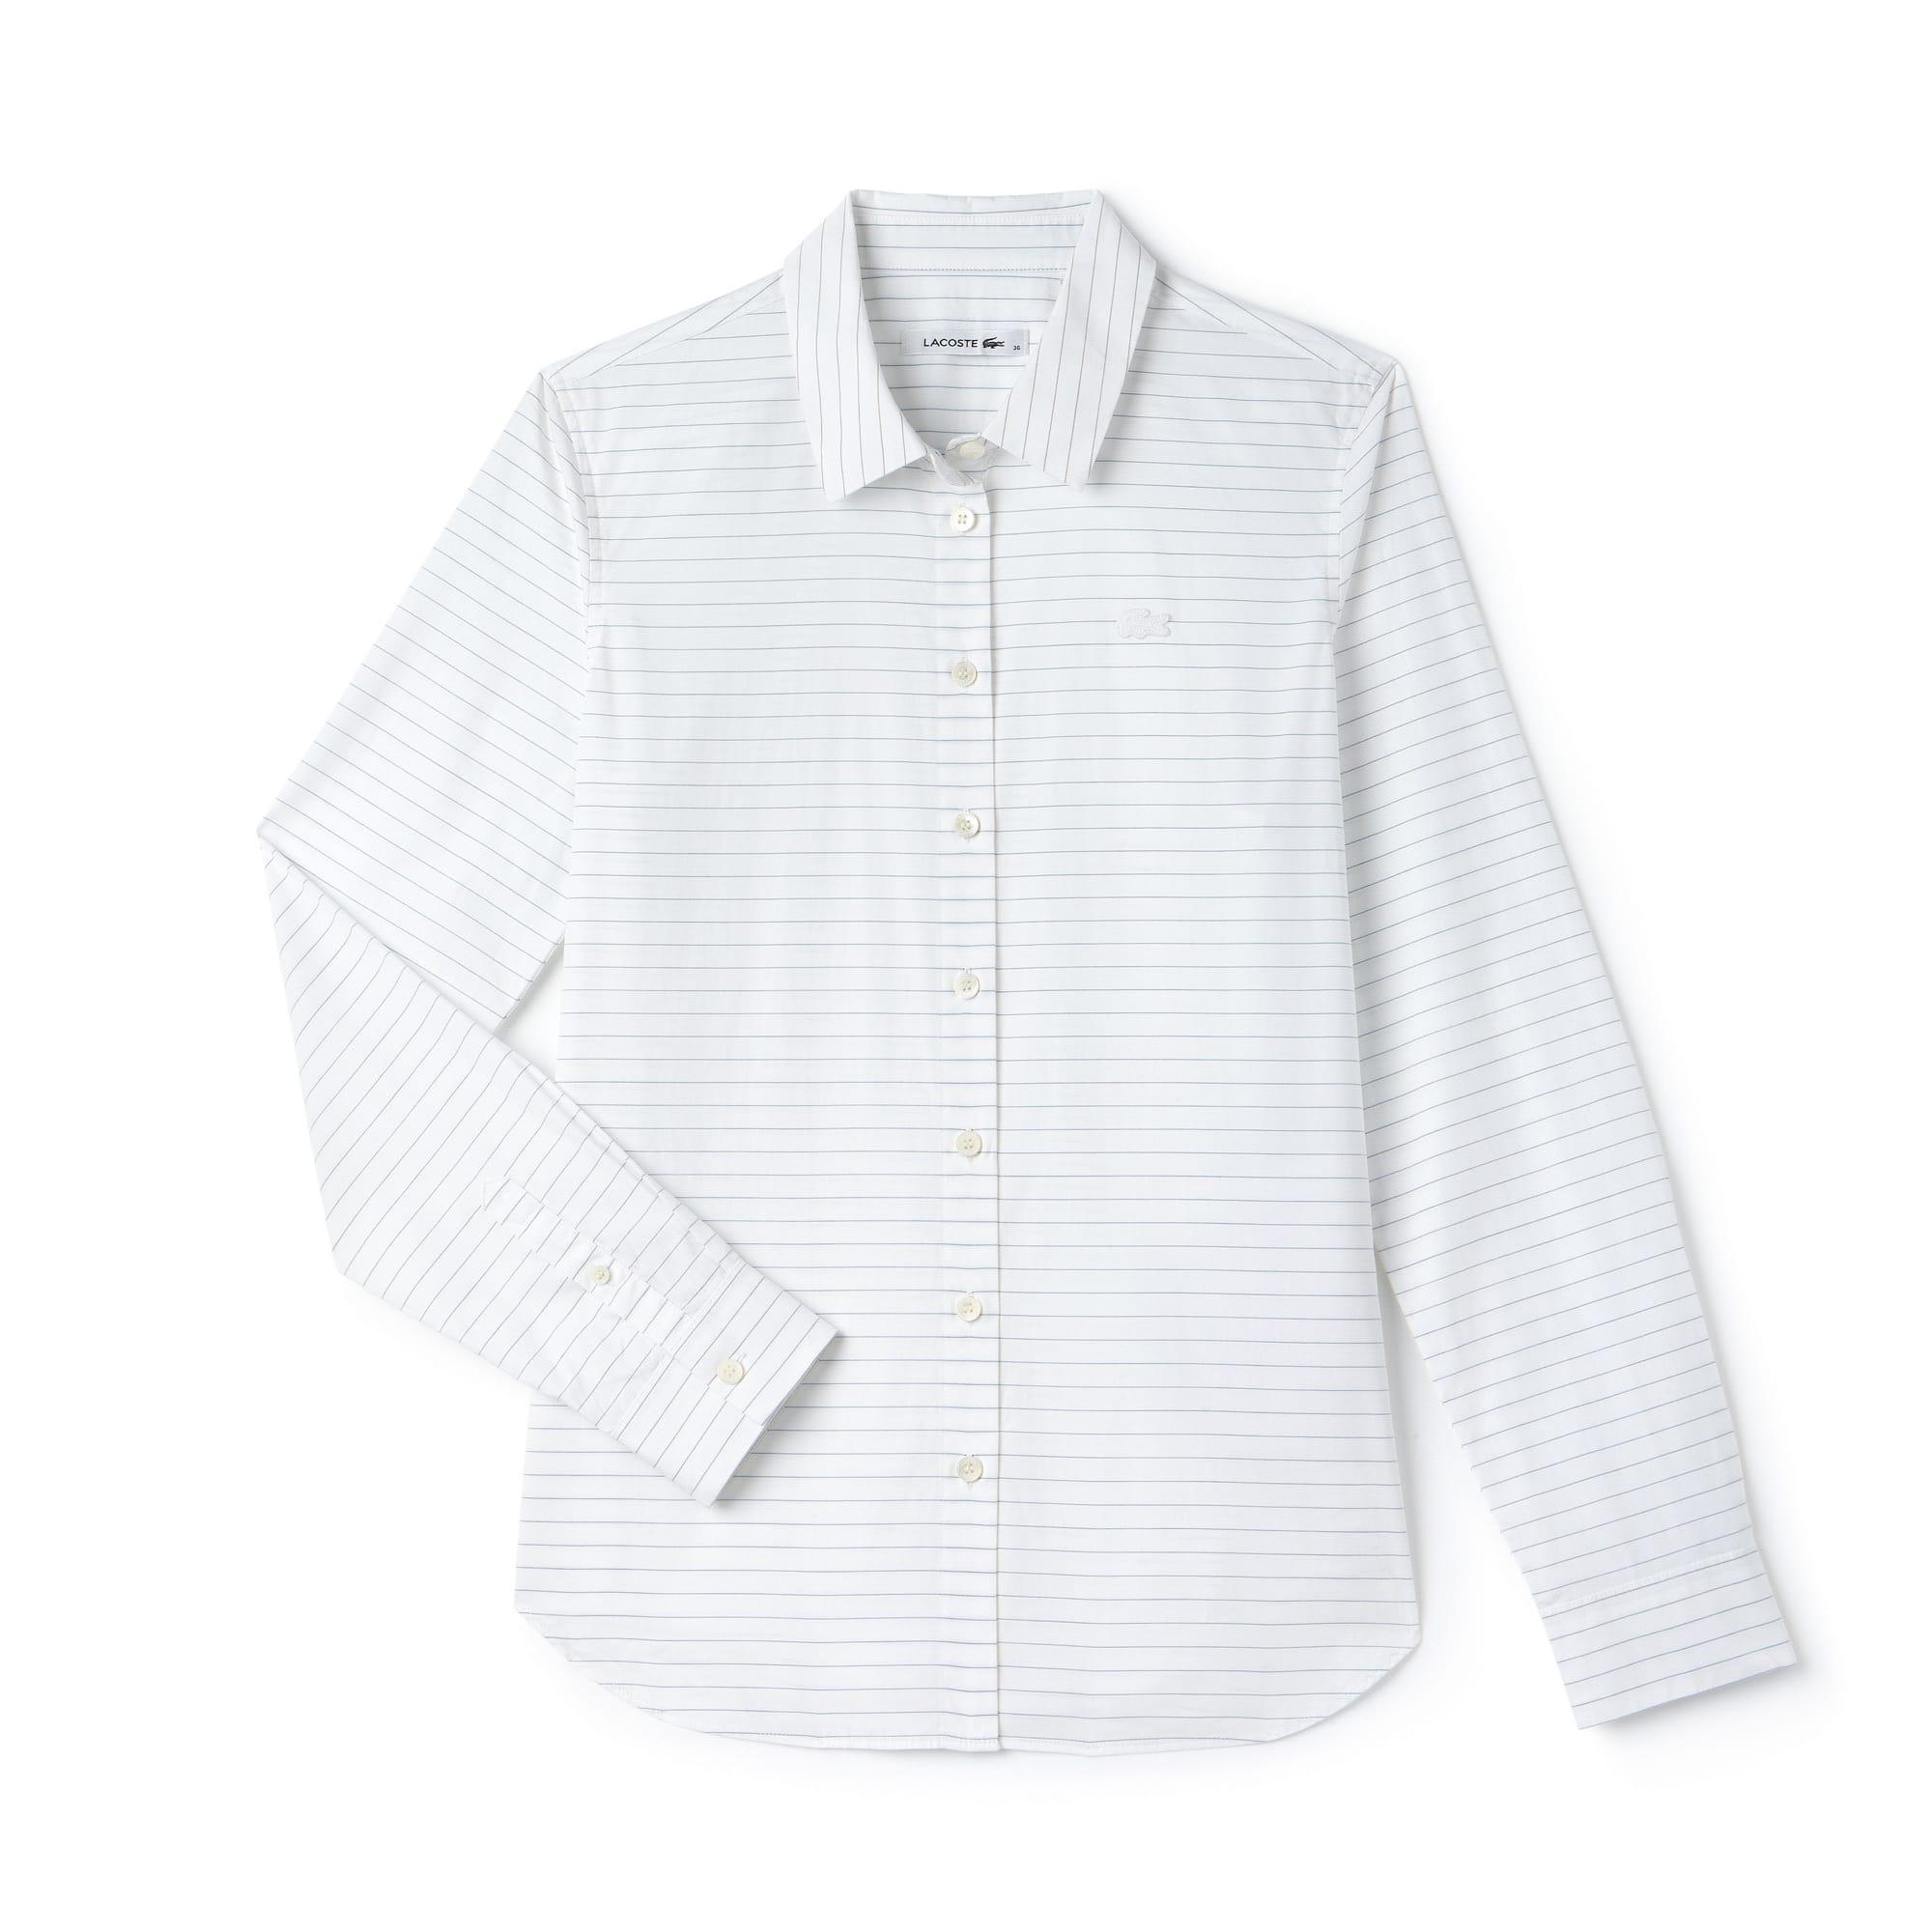 Camicia regular fit in popeline di cotone a righe